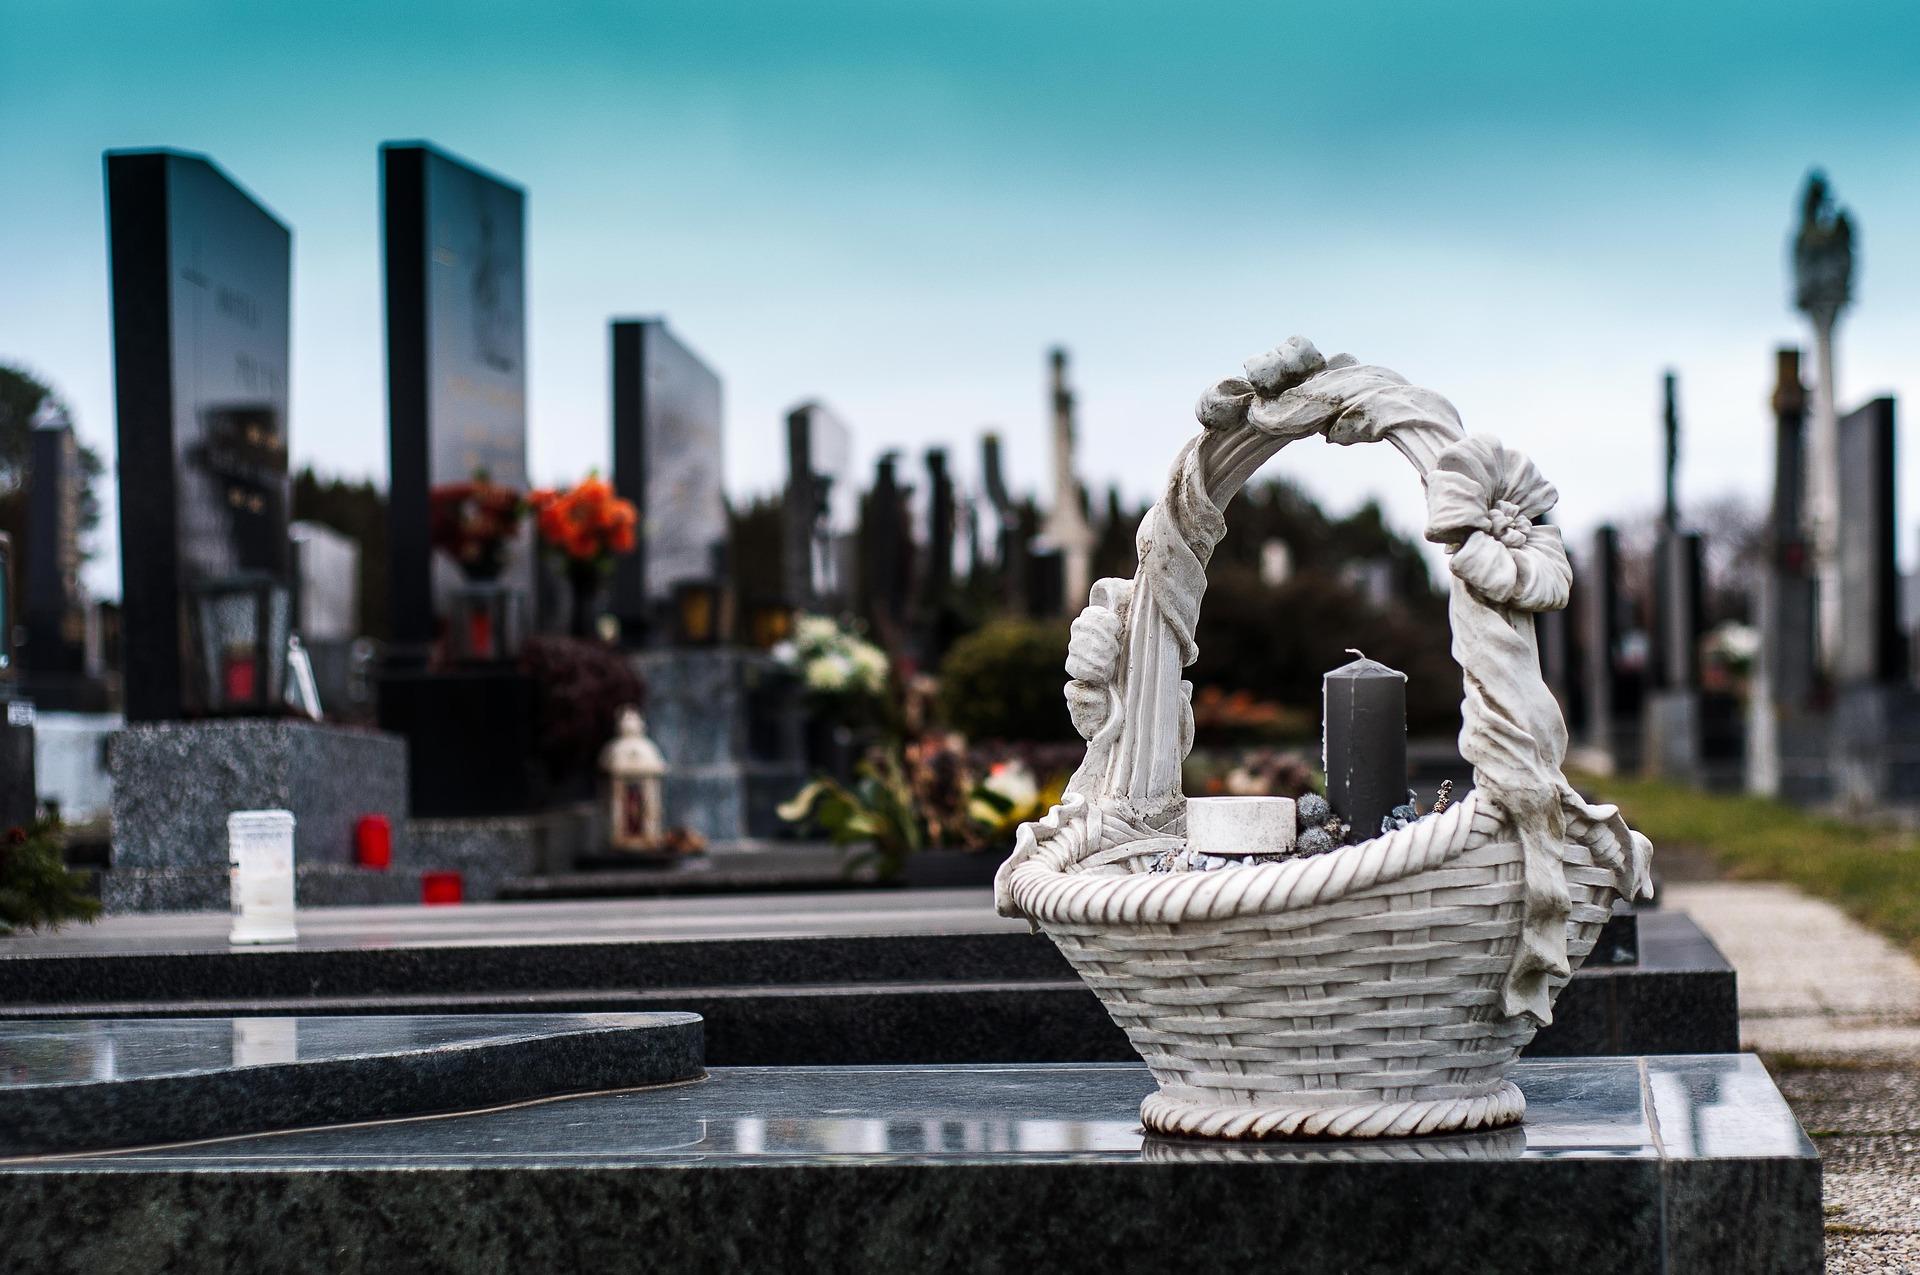 העברה בטוחה של נפטרים - מנוחה לעד